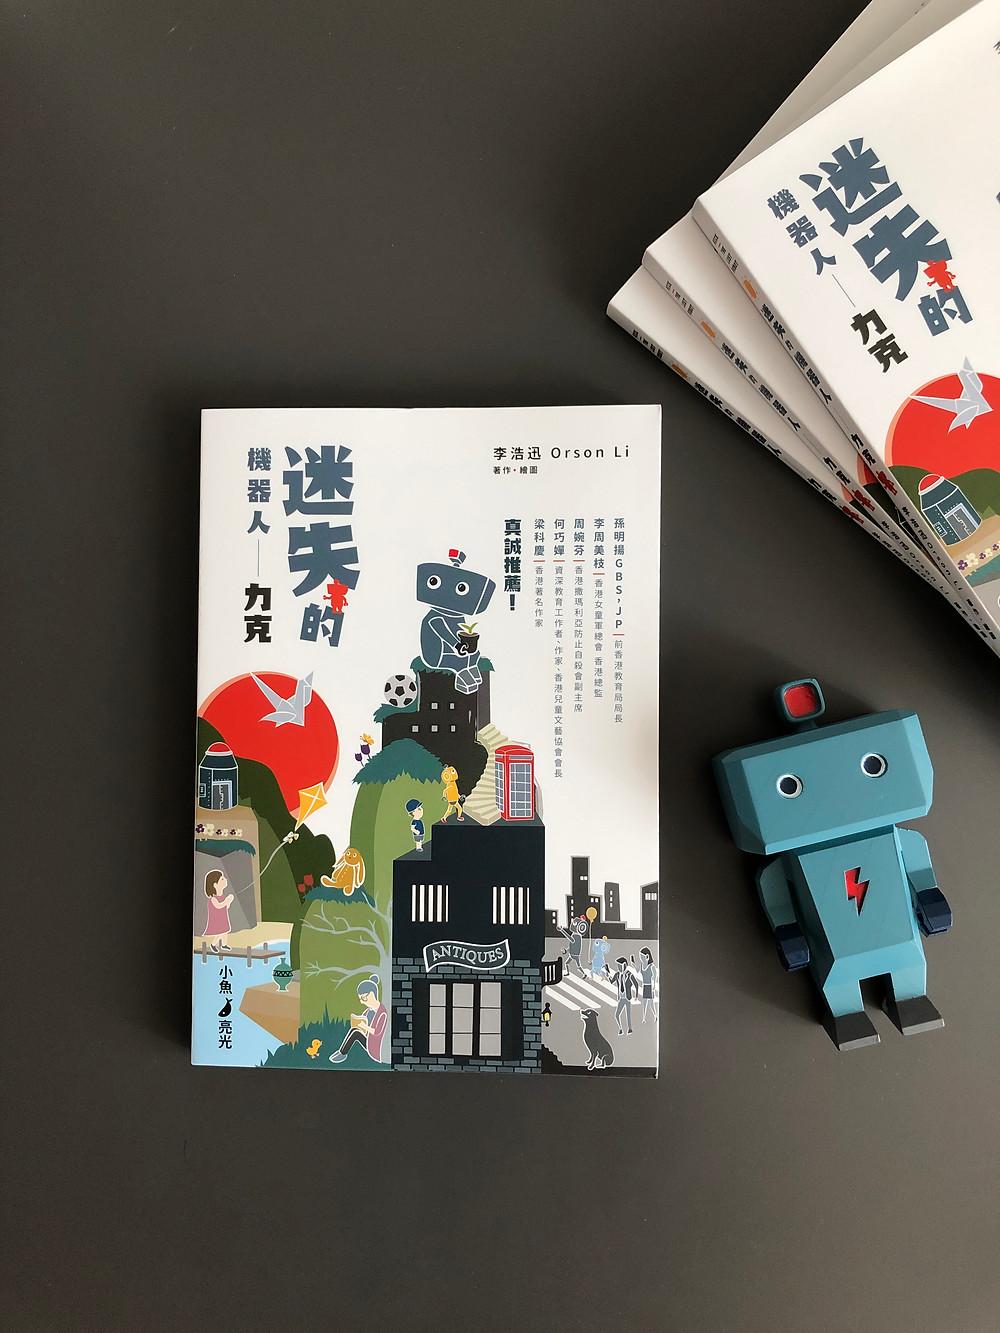 心靈勵志繪本《迷失的機器人 - 力克》作者李浩迅 Orson Li